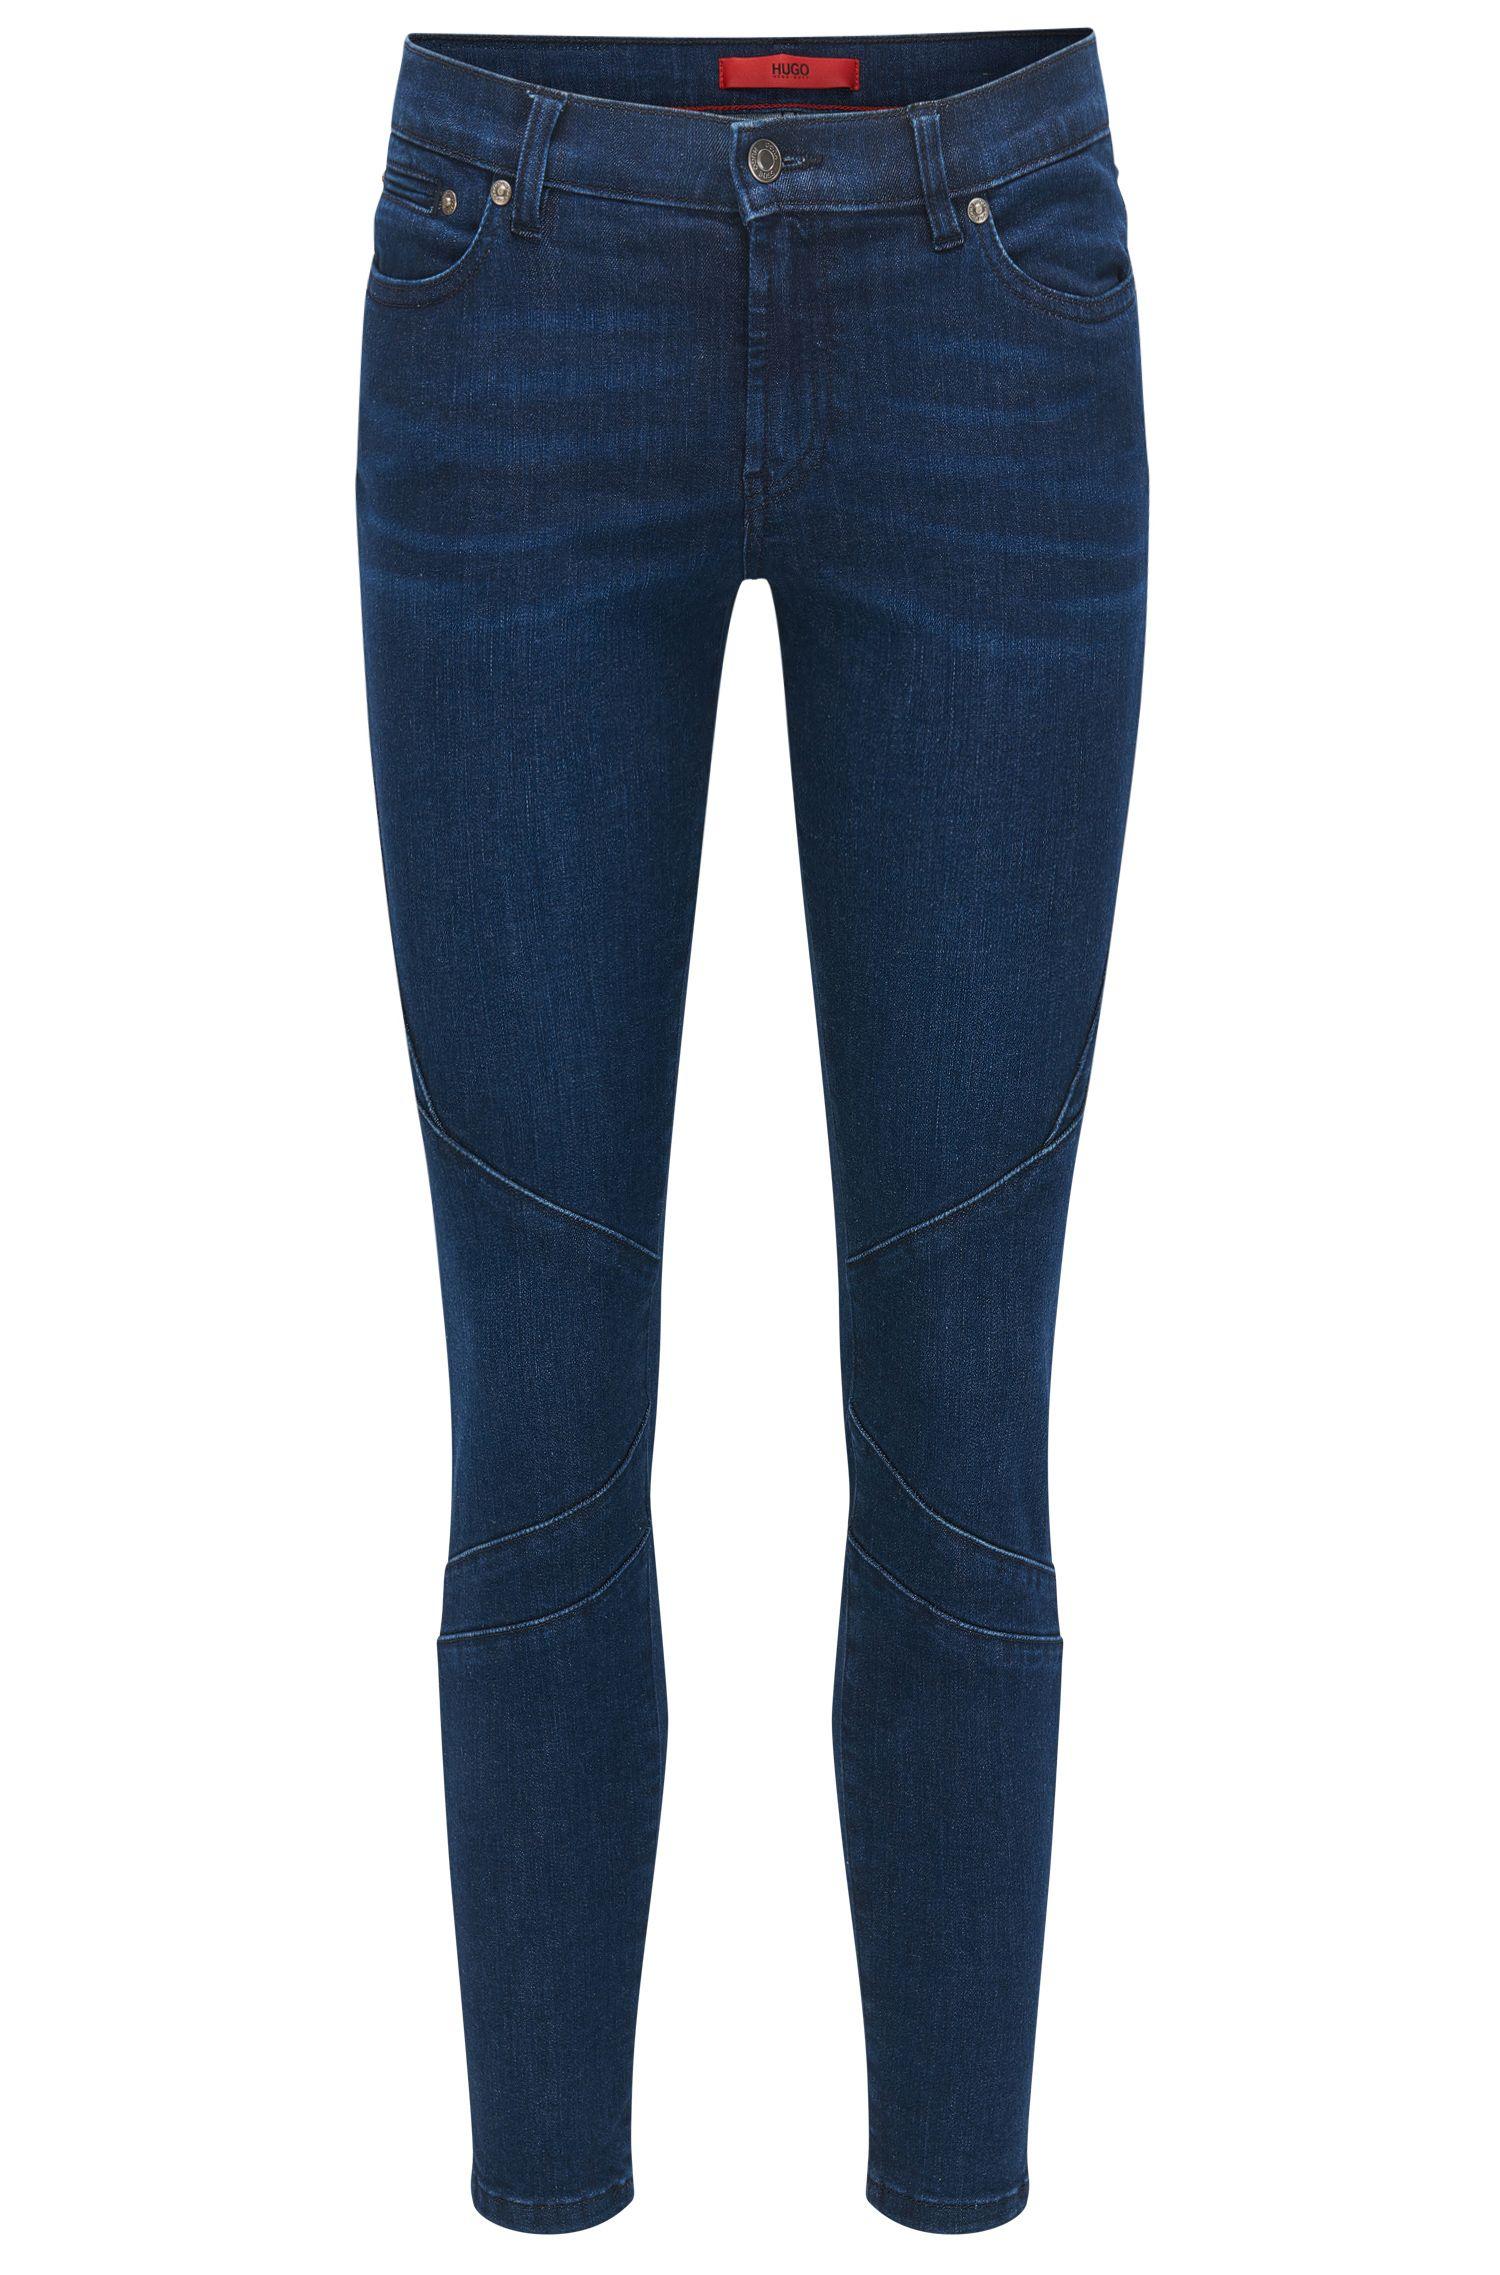 Skinny-Fit Jeans aus Super-Stretch-Denim